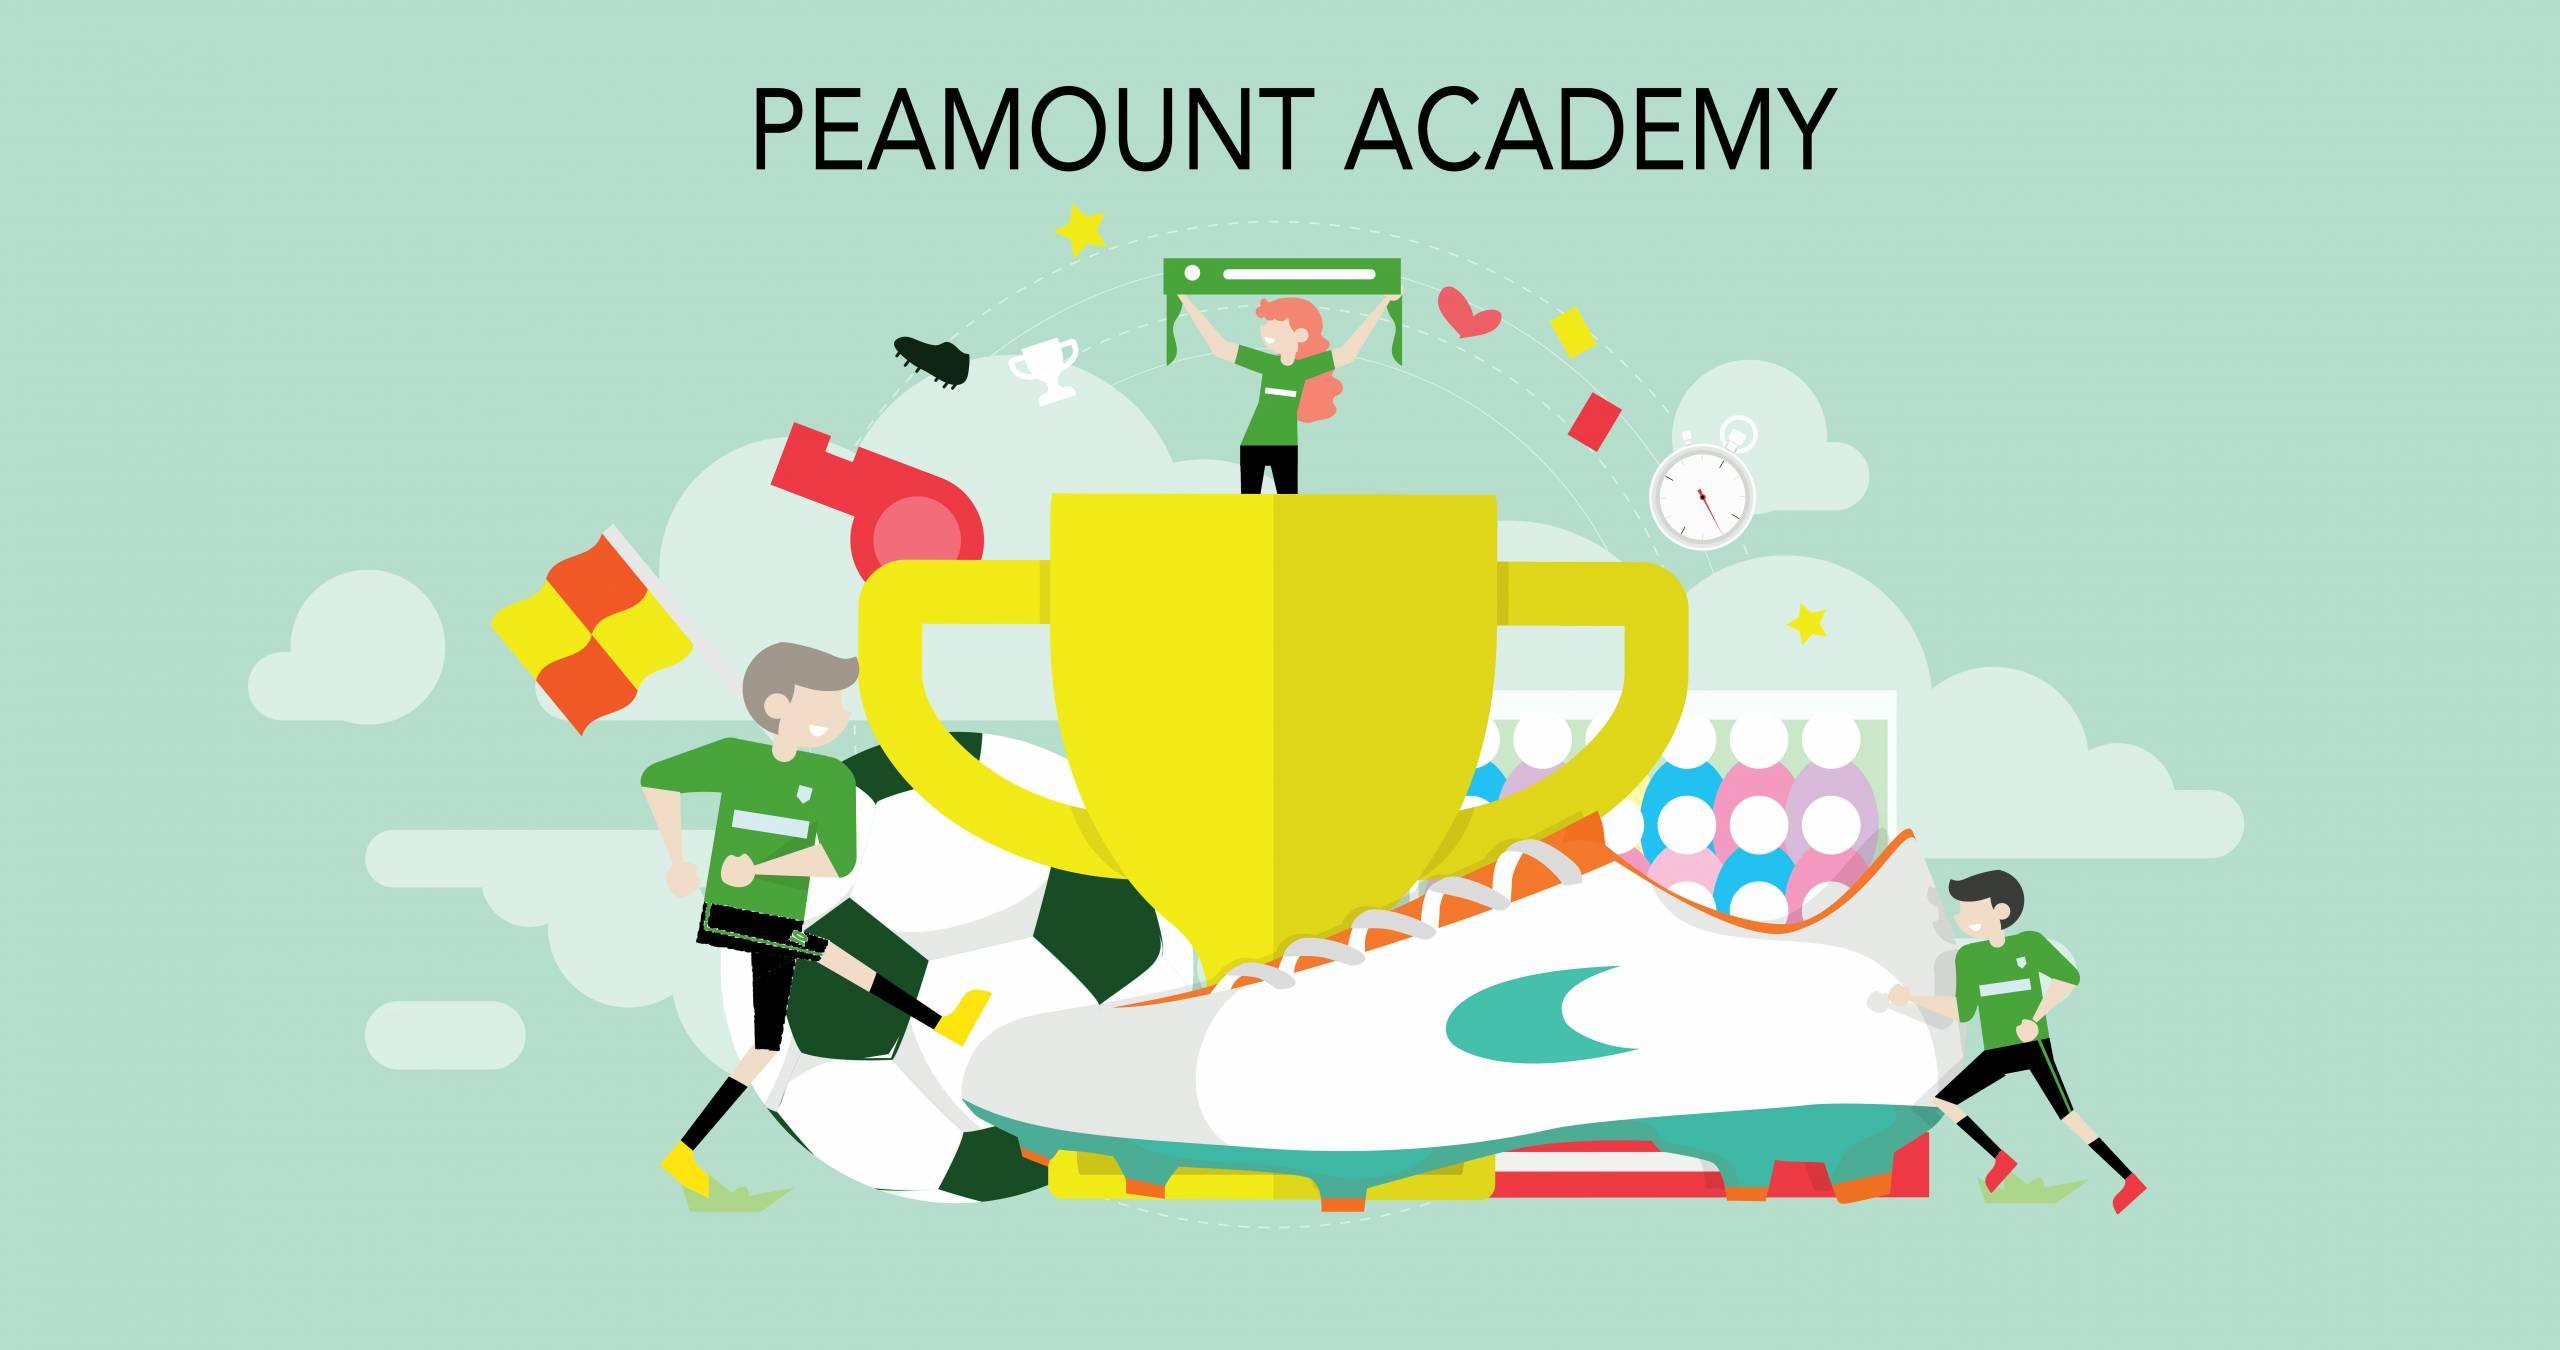 PUFC Academy